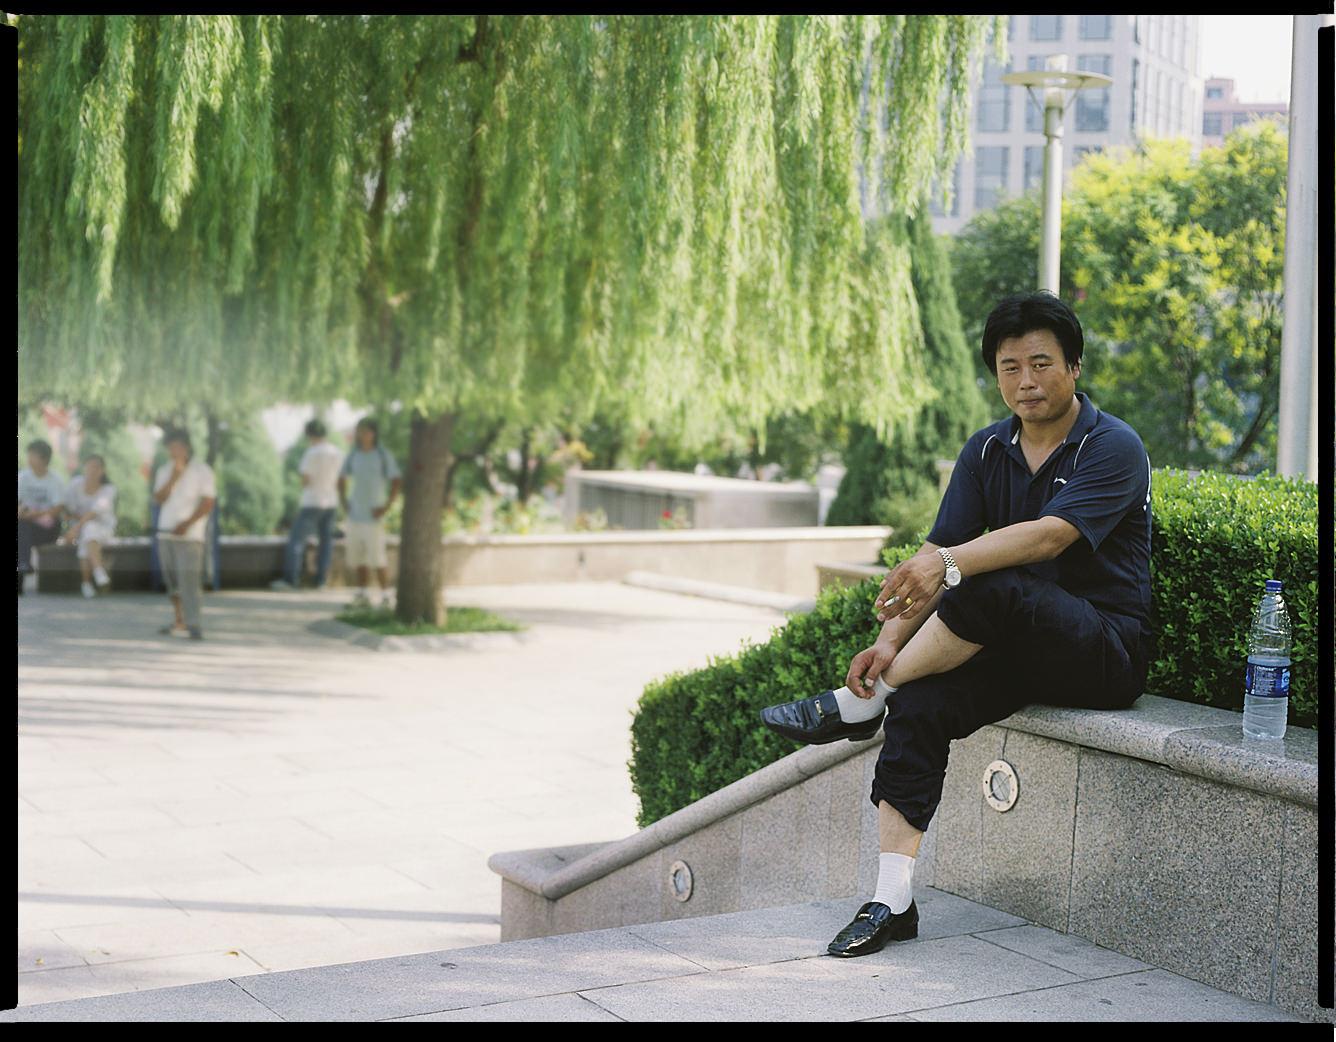 MediumFormatPatrikWallner_Beijing_OurDriverLOWQ